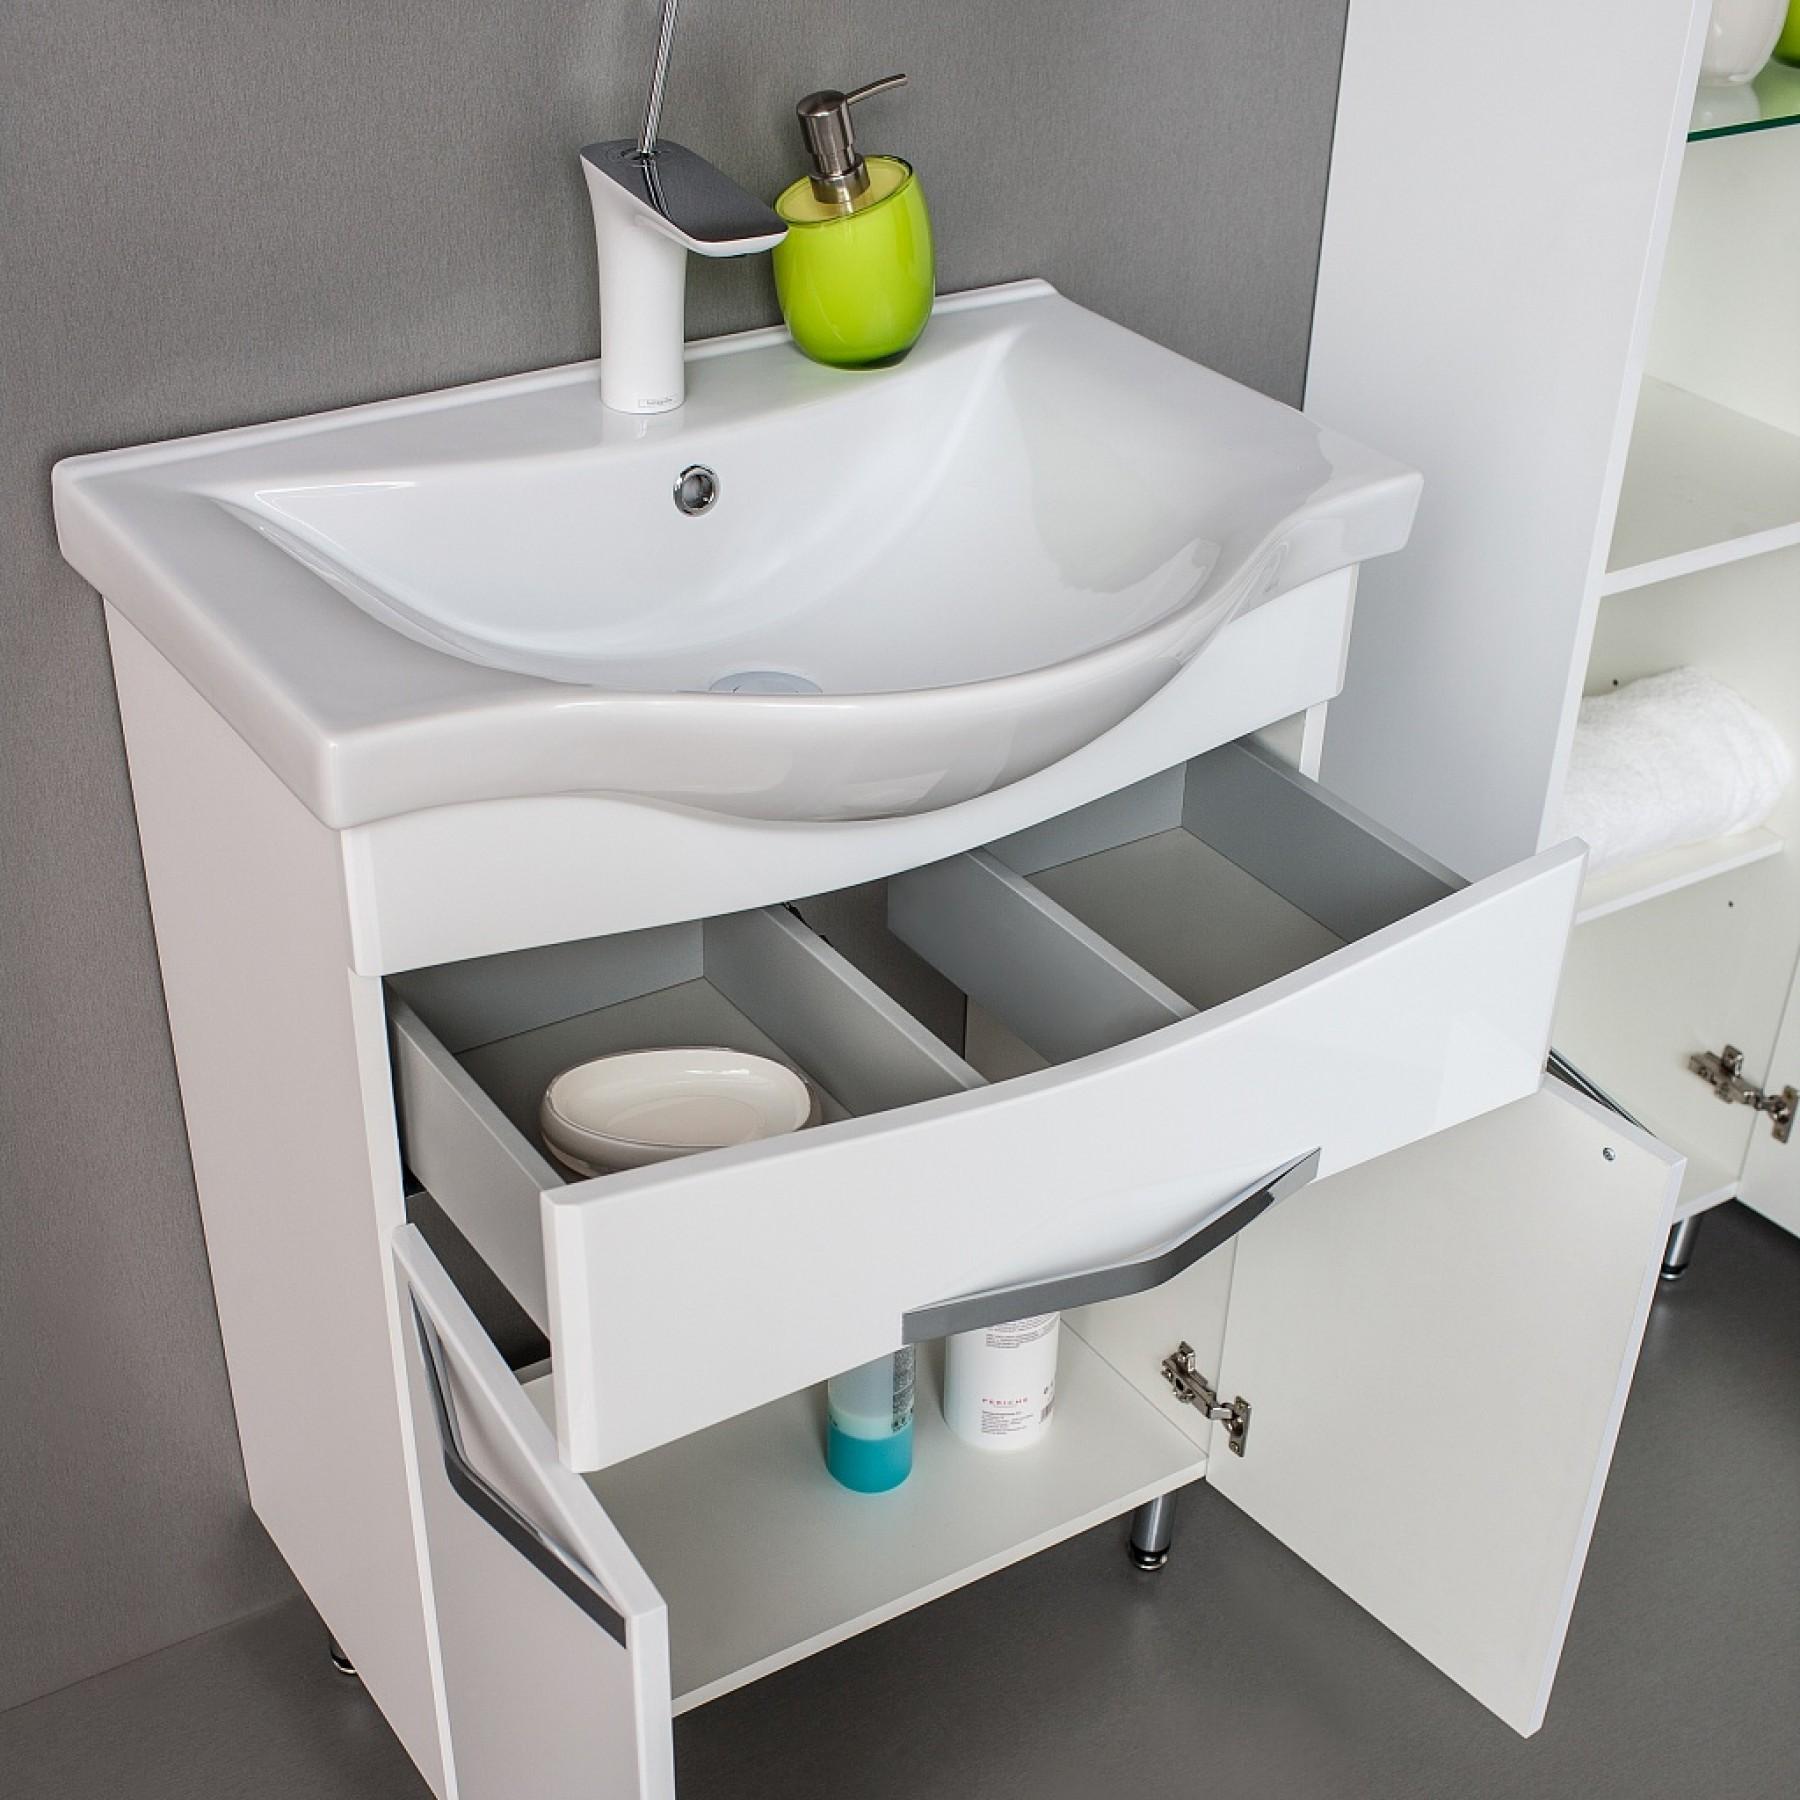 тумба в ванную купить екатеринбург